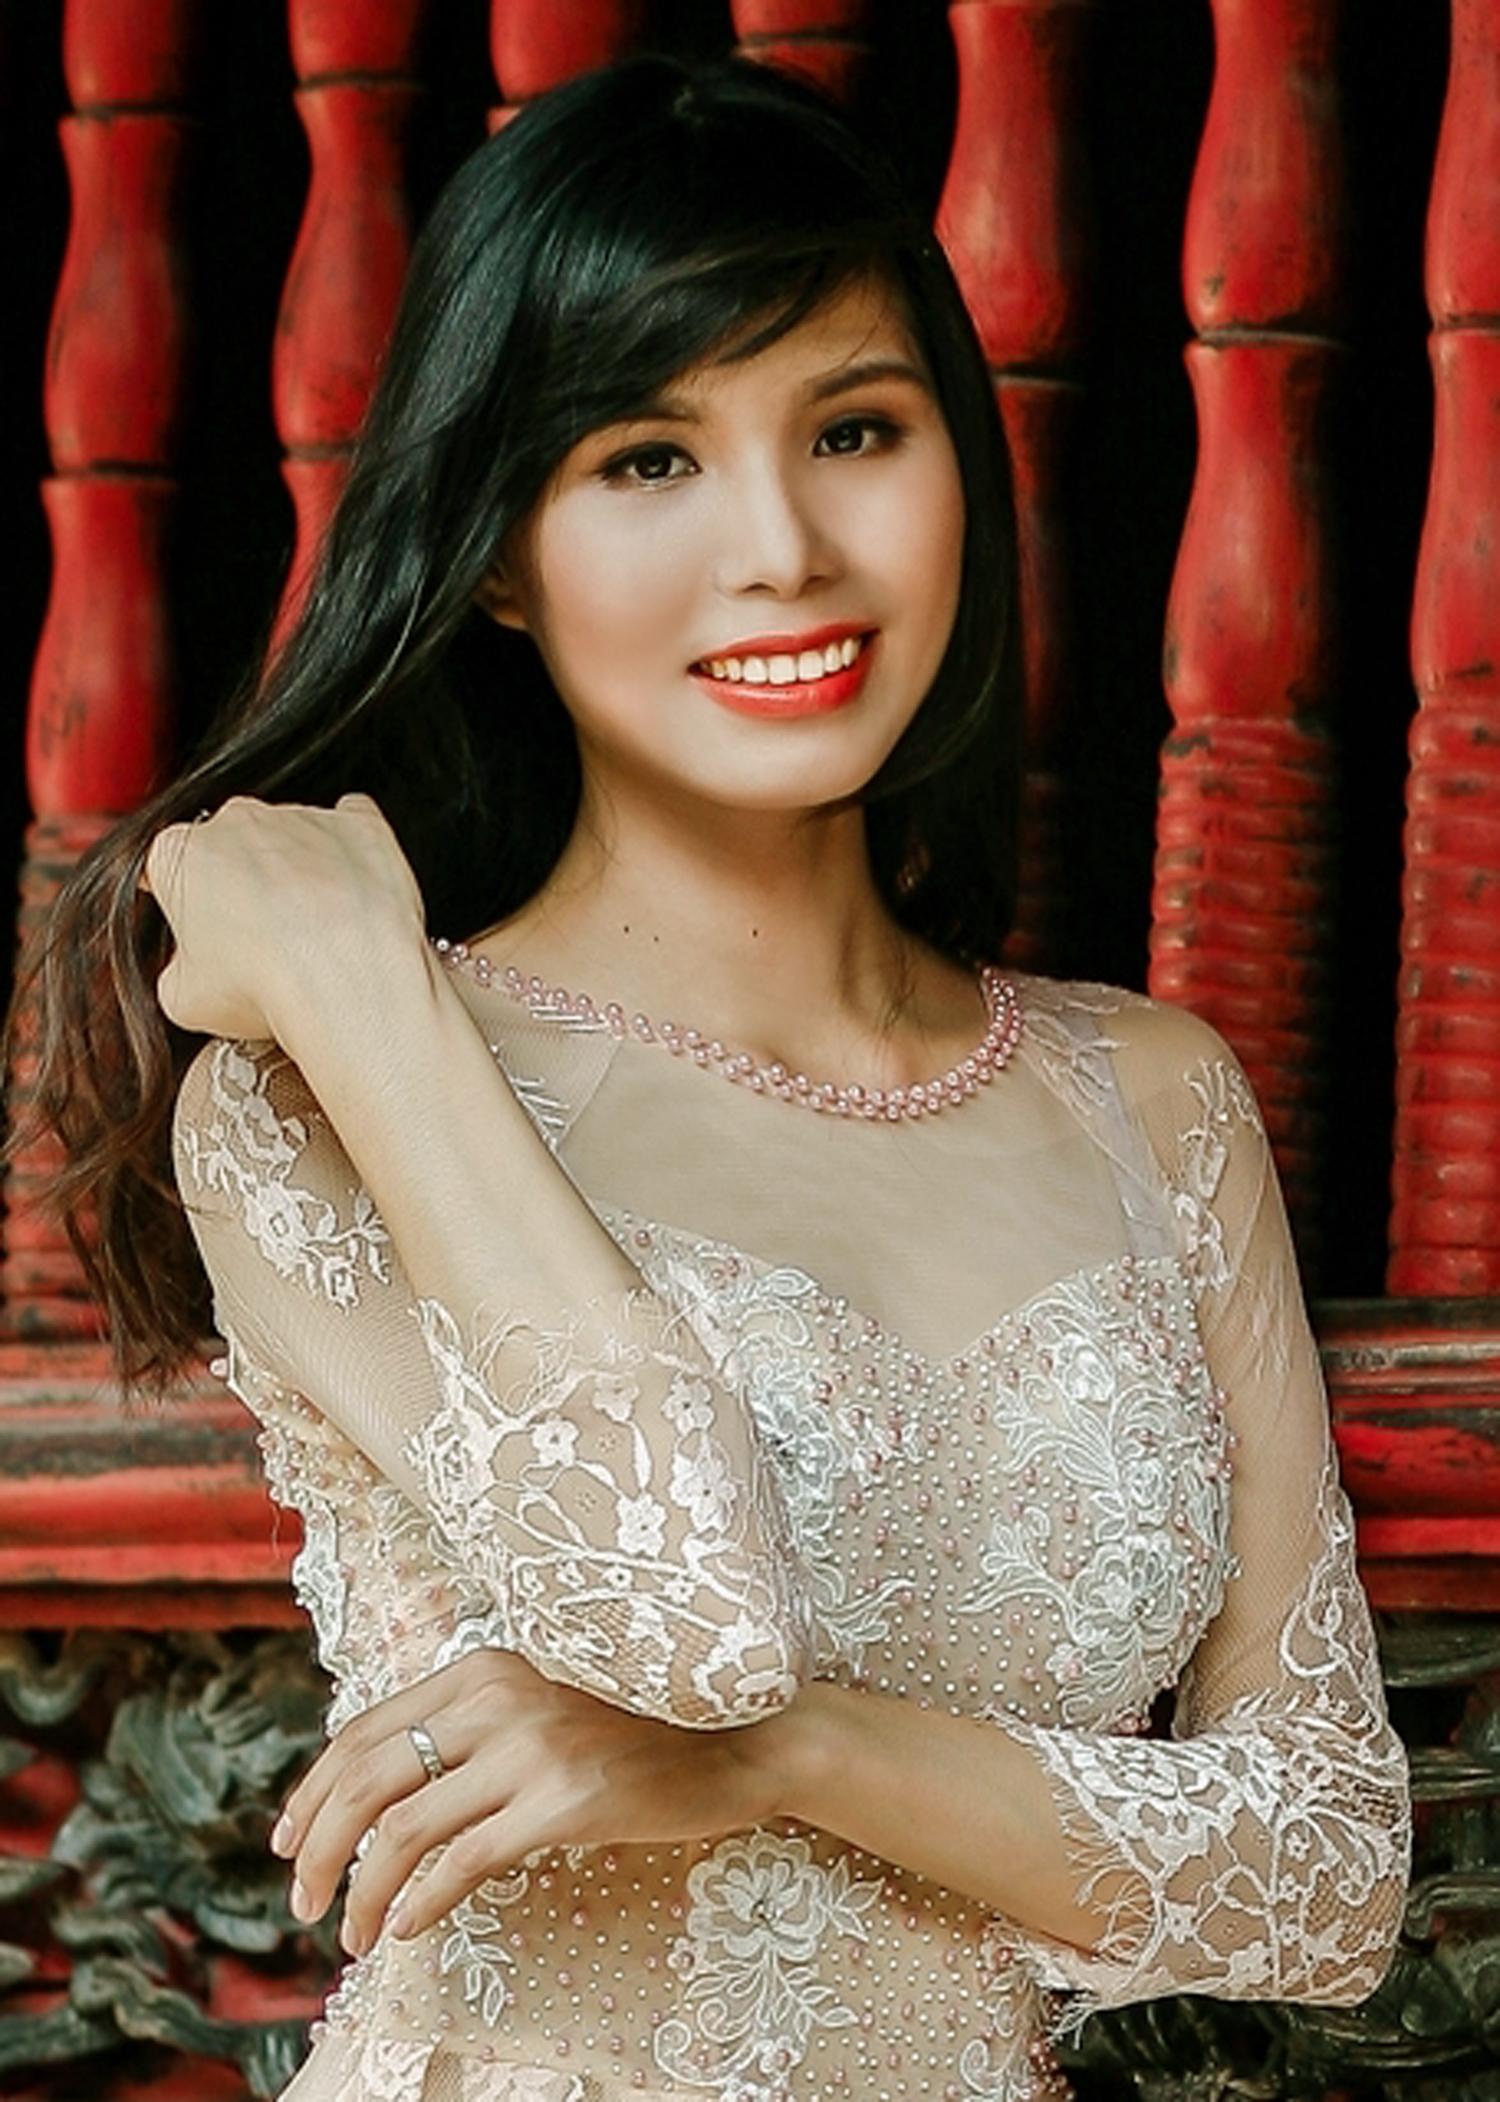 Nhan sắc xinh đẹp của thí sinh Hoa hậu Việt Nam 2014 - Ảnh 4